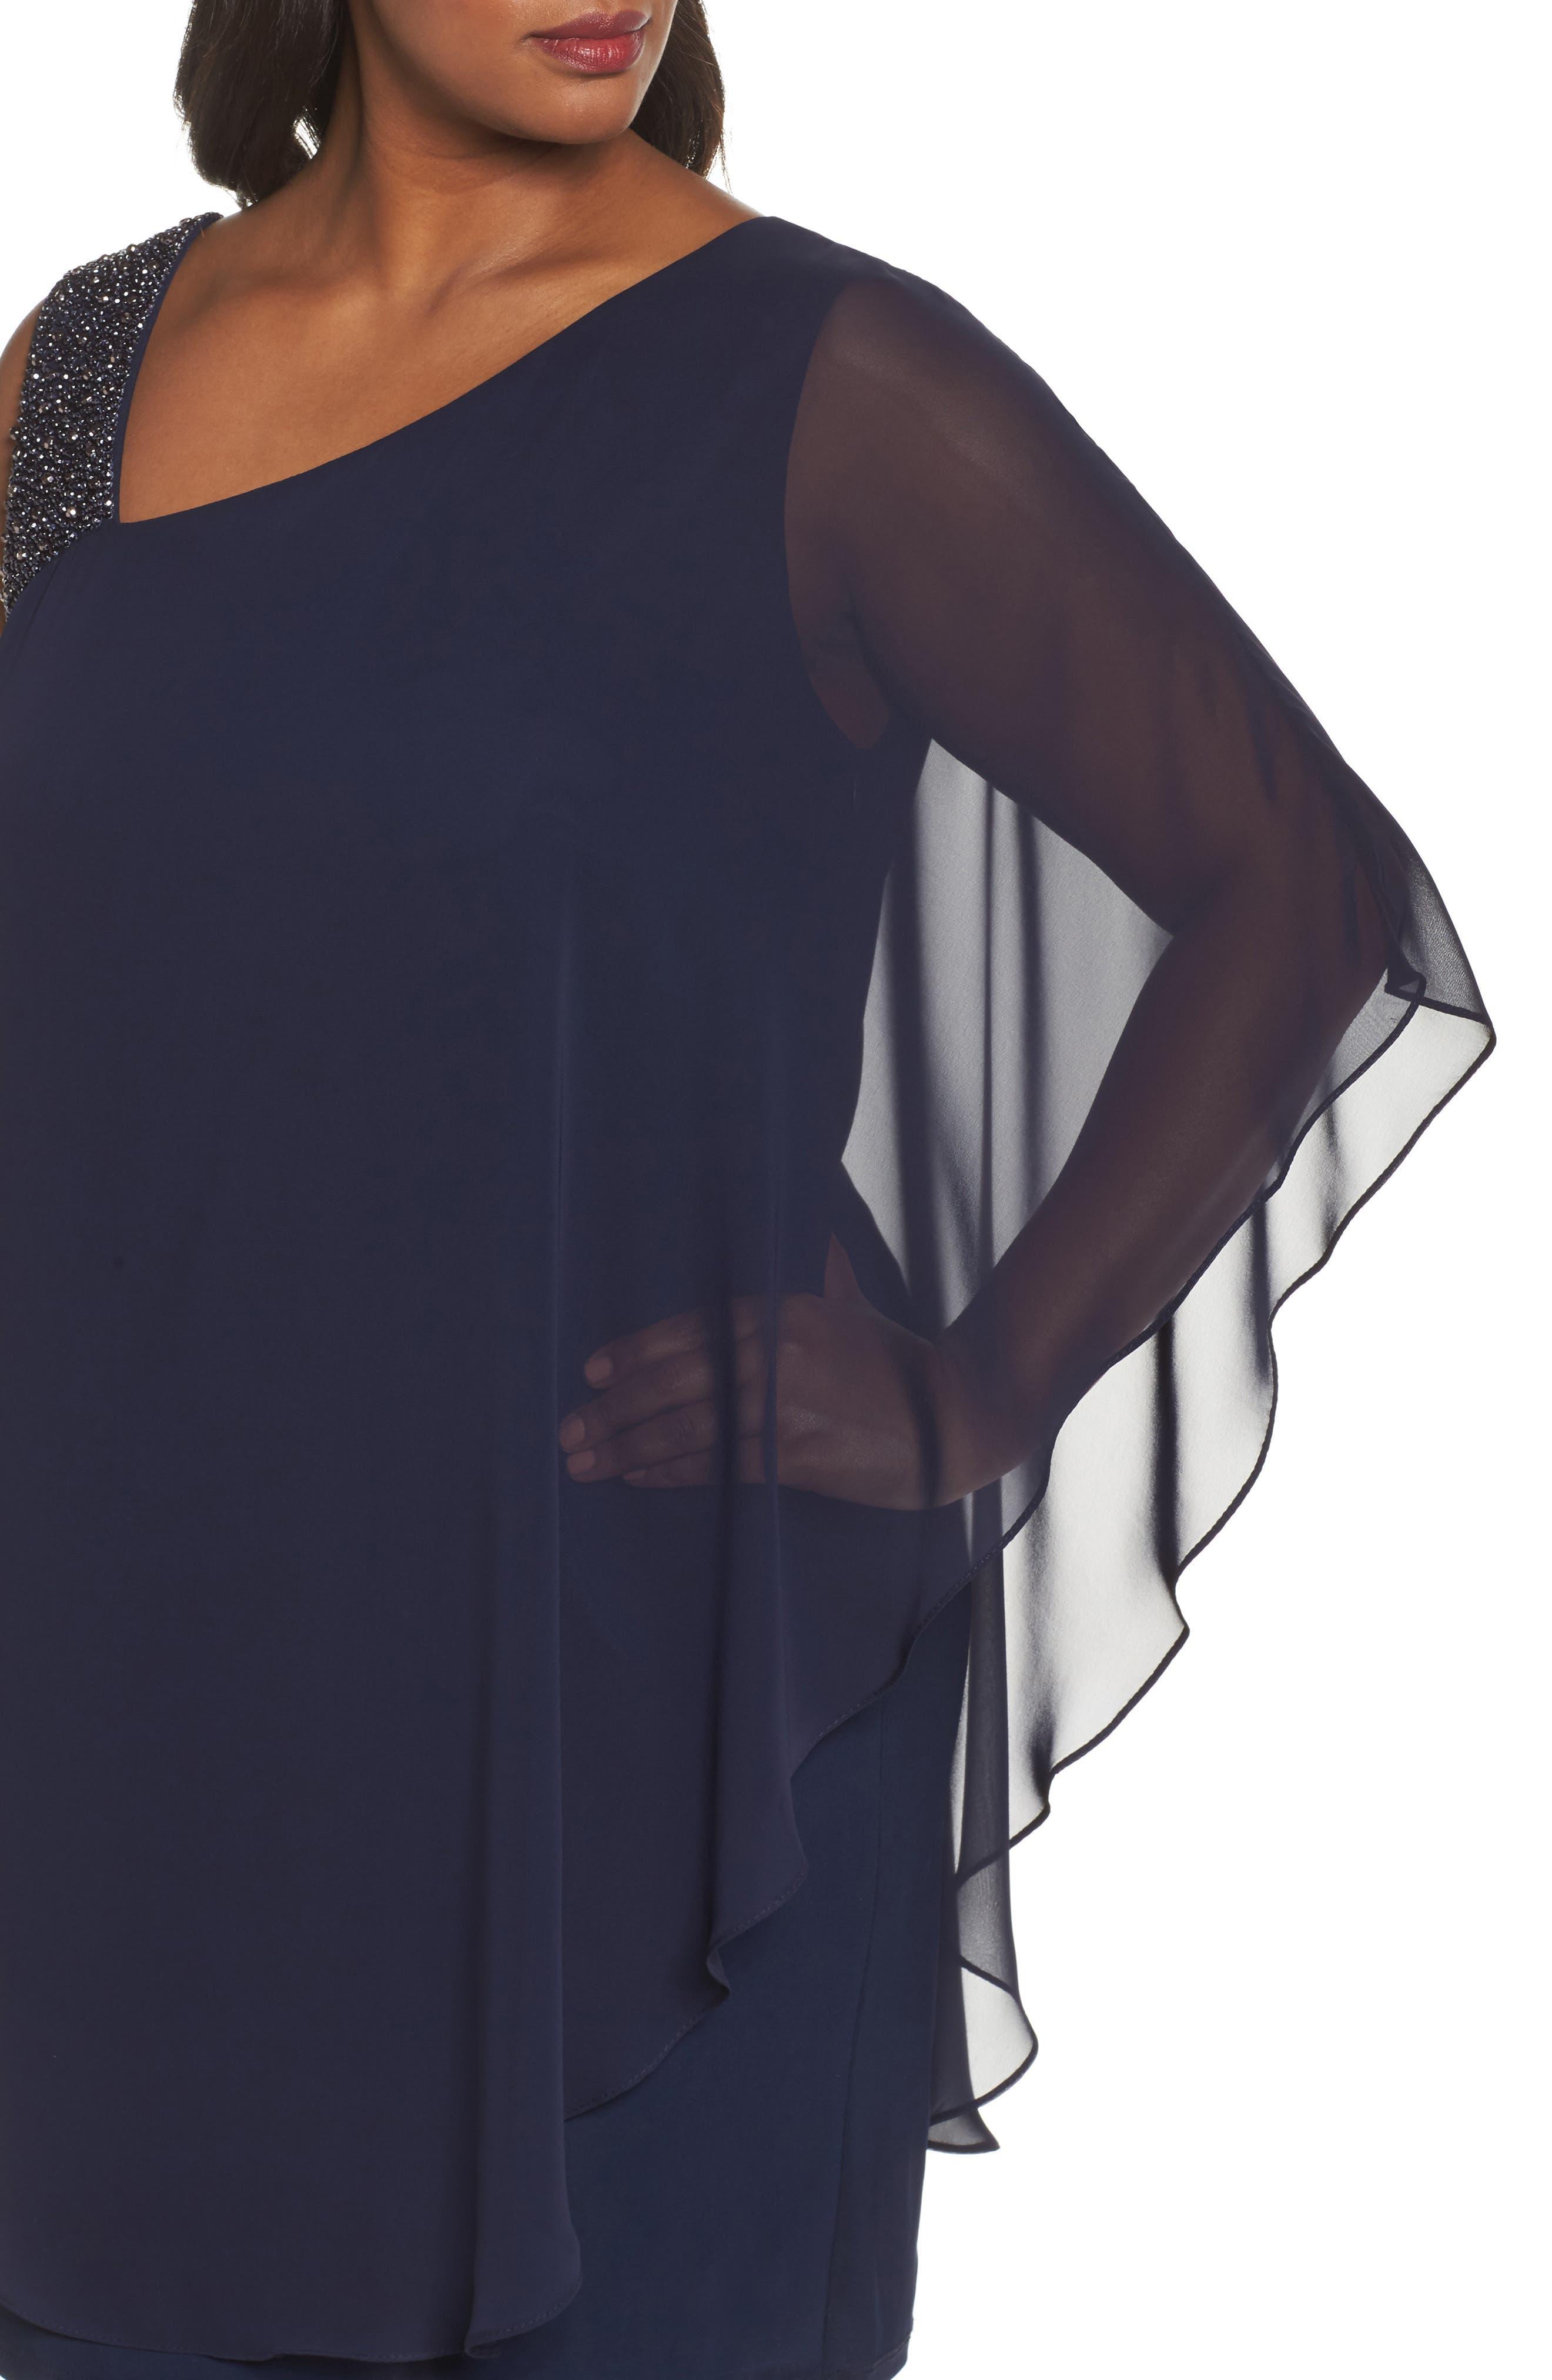 Embellished One-Shoulder Overlay Cocktail Dress,                             Alternate thumbnail 4, color,                             498